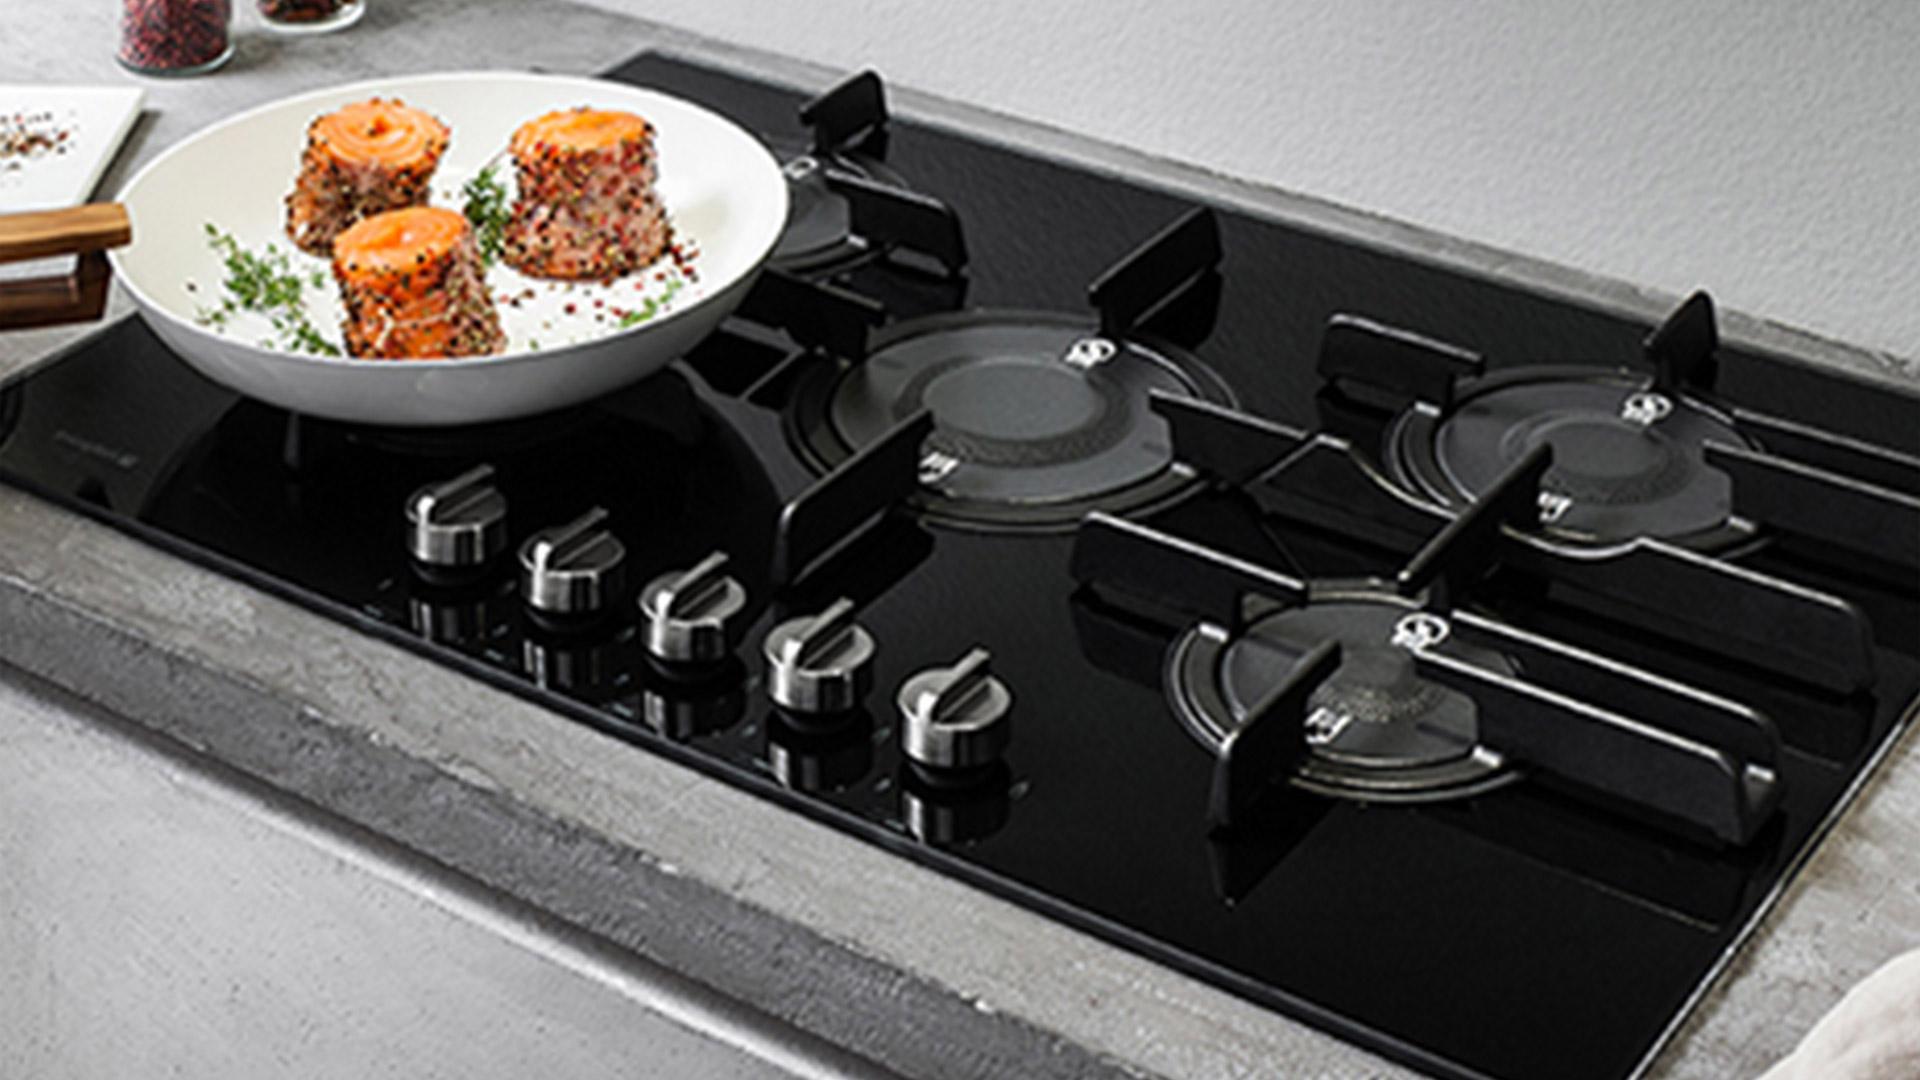 Piani Cottura Cucine Moderne.Hotpoint Nuovi Piani Cottura A Gas Per Prestazioni